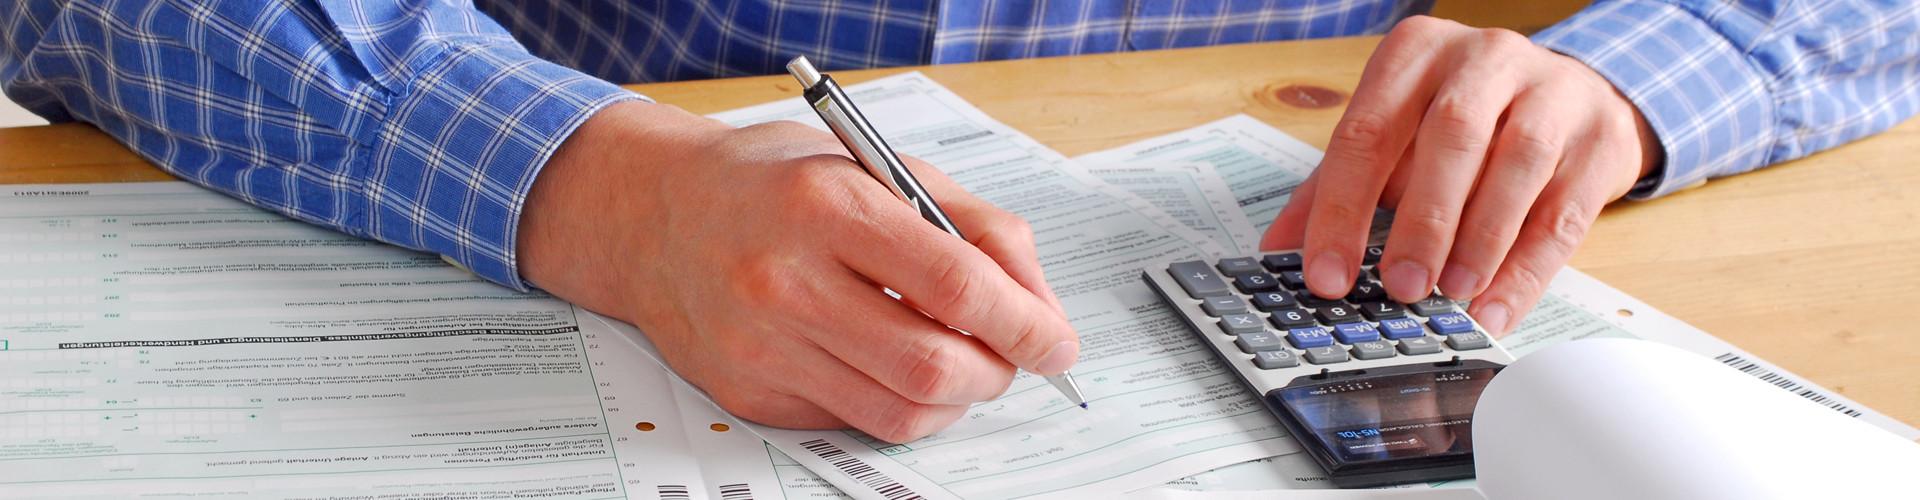 Man sieht die Hände eines Mannes, der sich über einen Tisch mit Formularen beugt. In der einen Hand hält er einen Stift, mit der anderen bedient er einen Taschenrechner. © photophonie, stock.adobe.com